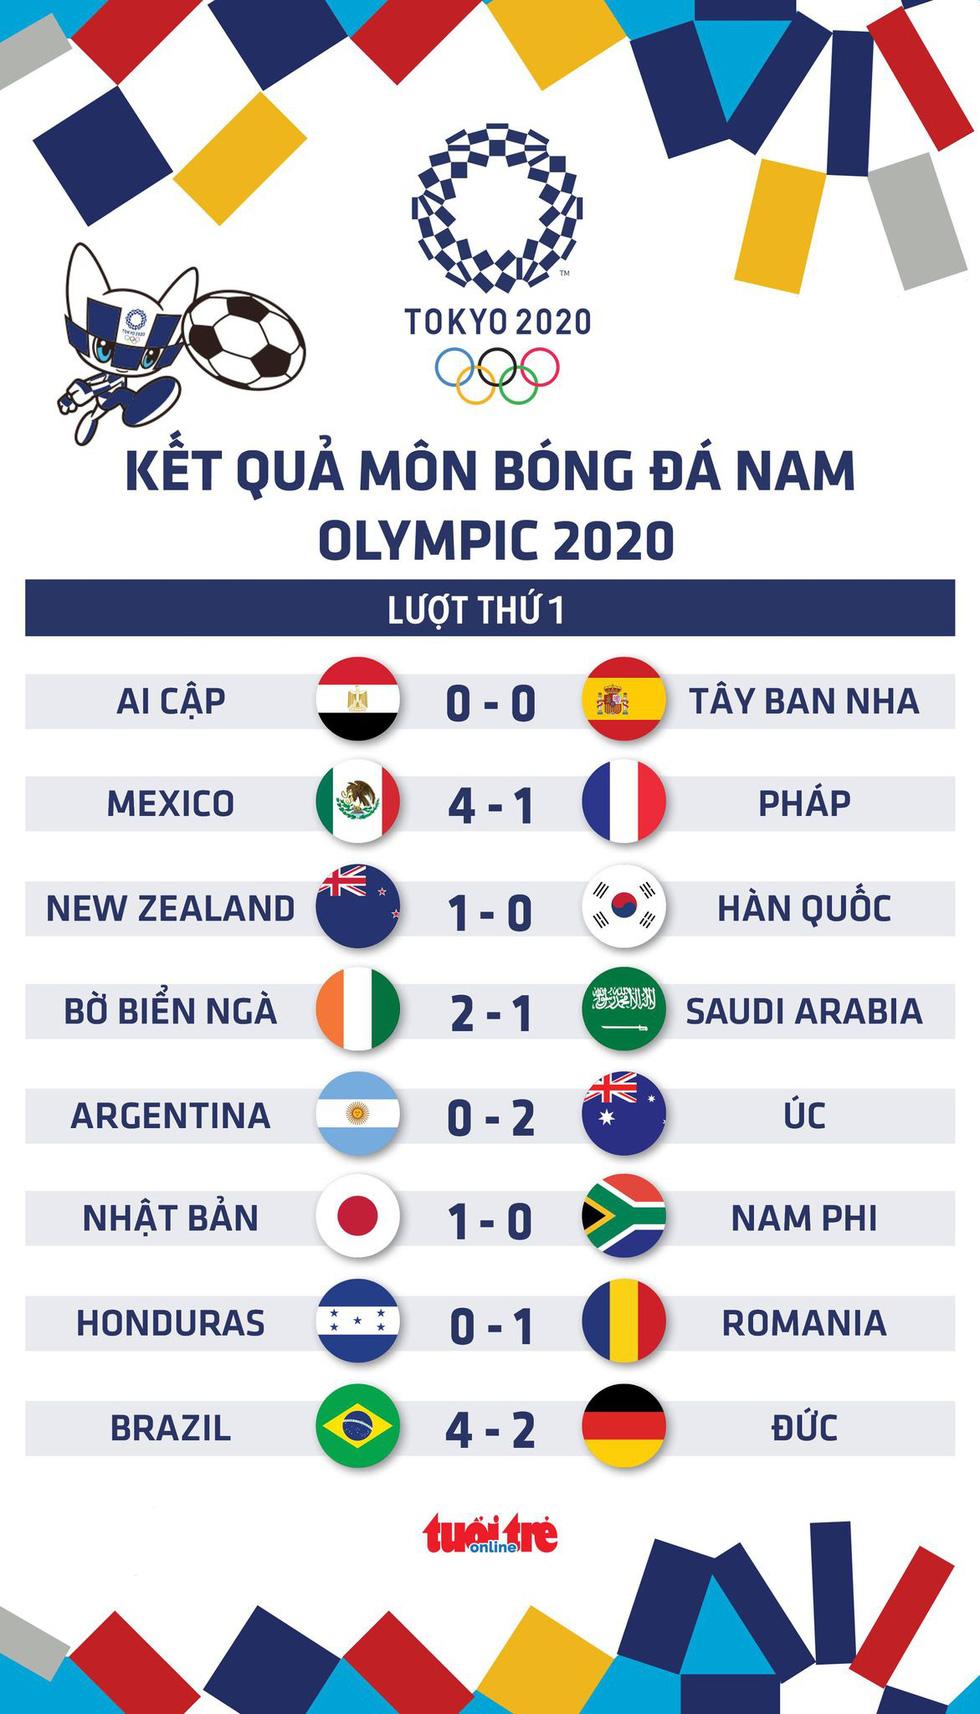 Kết quả bóng đá nam Olympic 2020: Pháp, Argentina thua, Tây Ban Nha gây thất vọng - Ảnh 1.